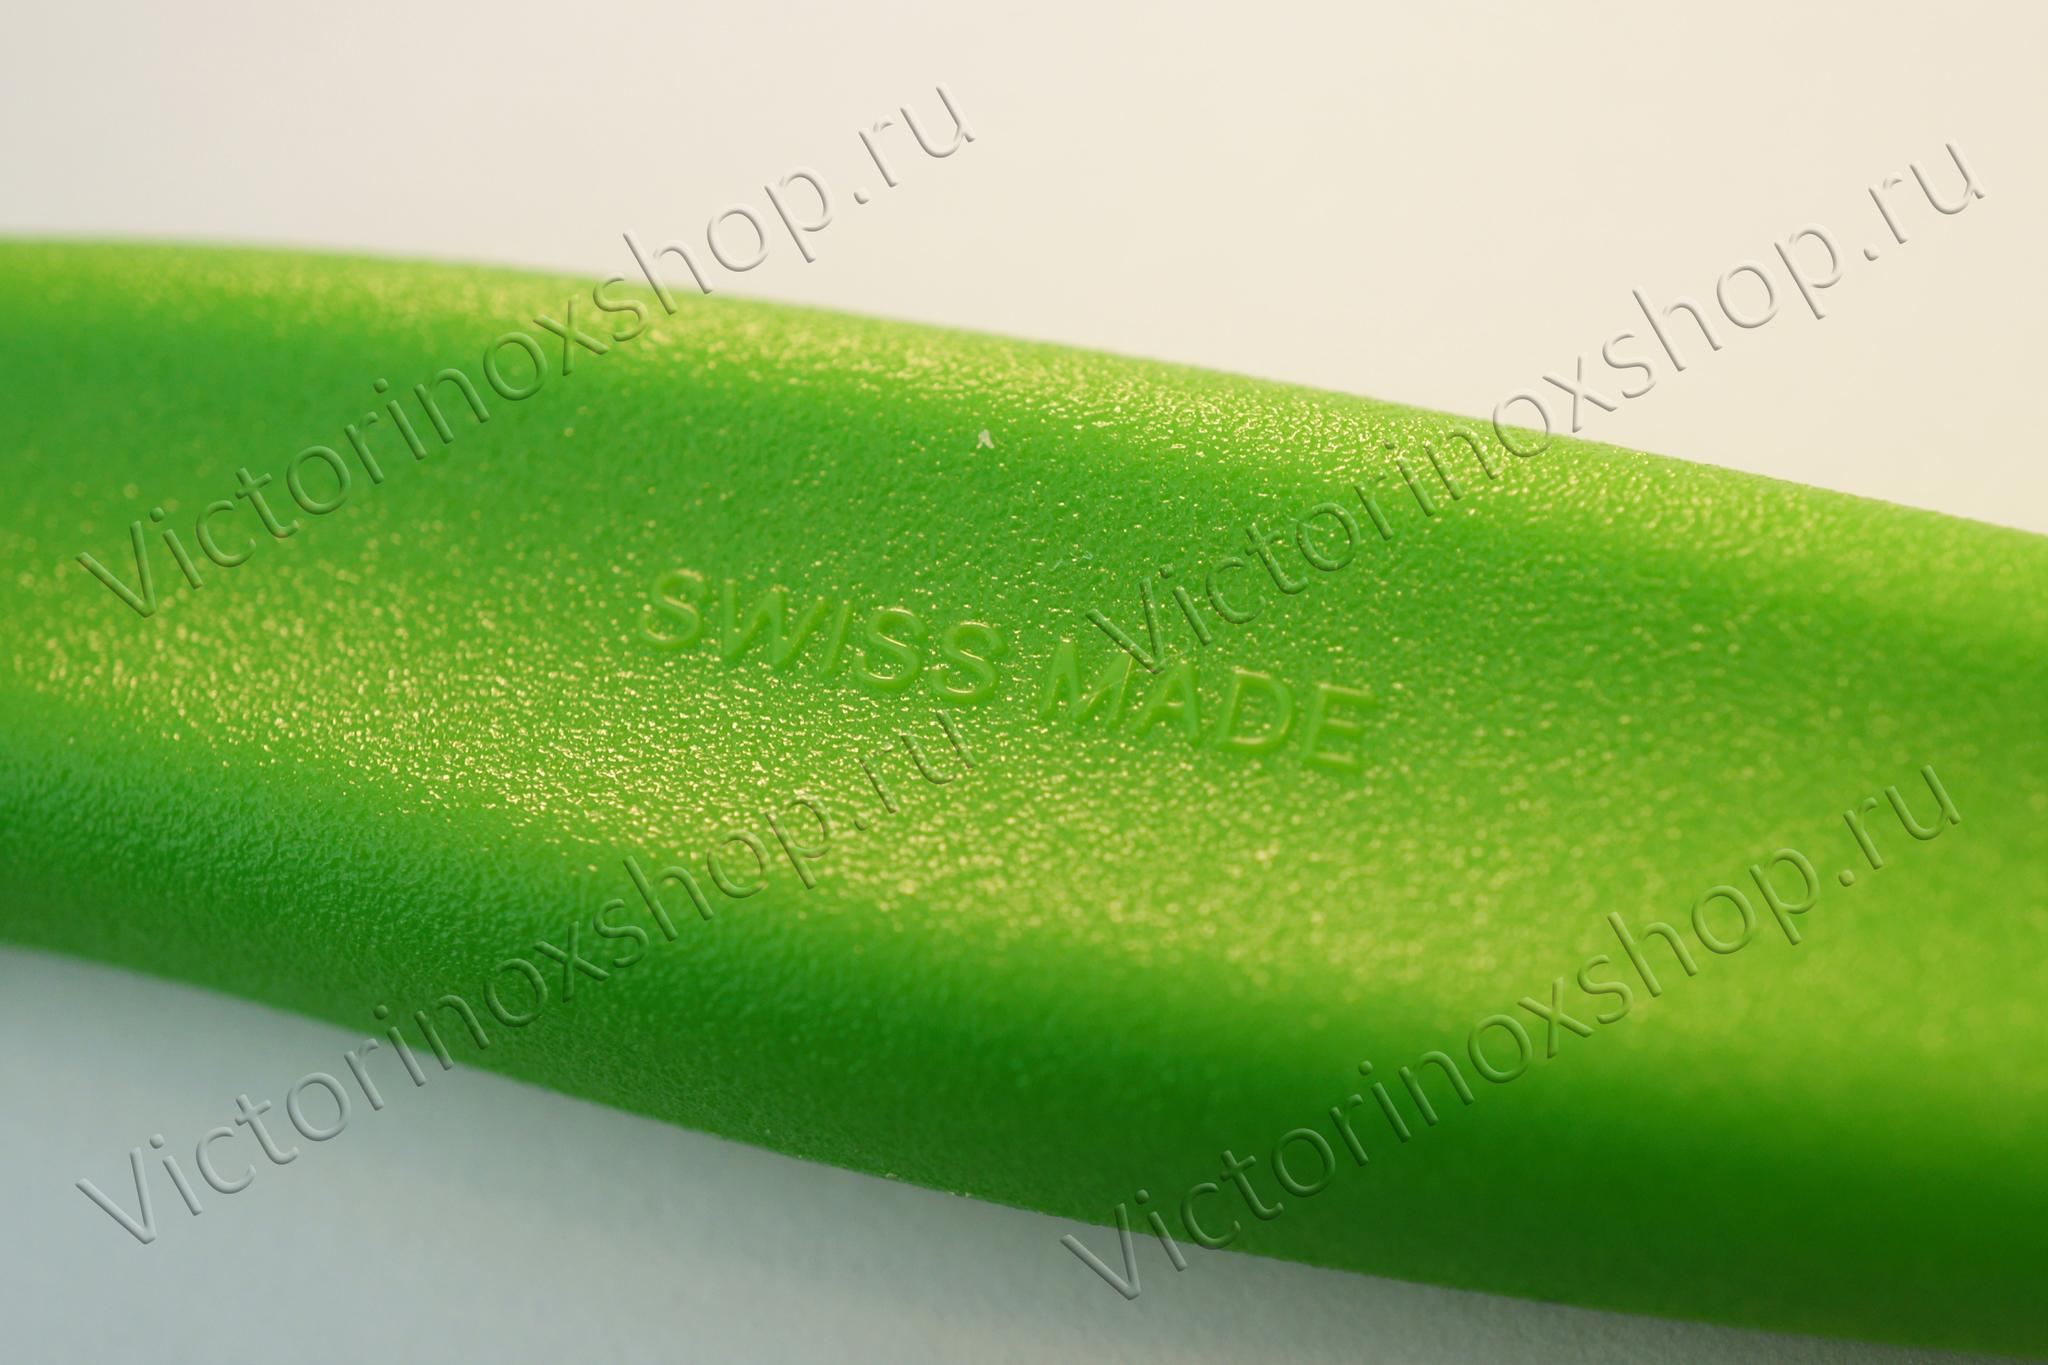 Нож Victorinox с волнистым лезвием, зелёный (6.7836.L114)